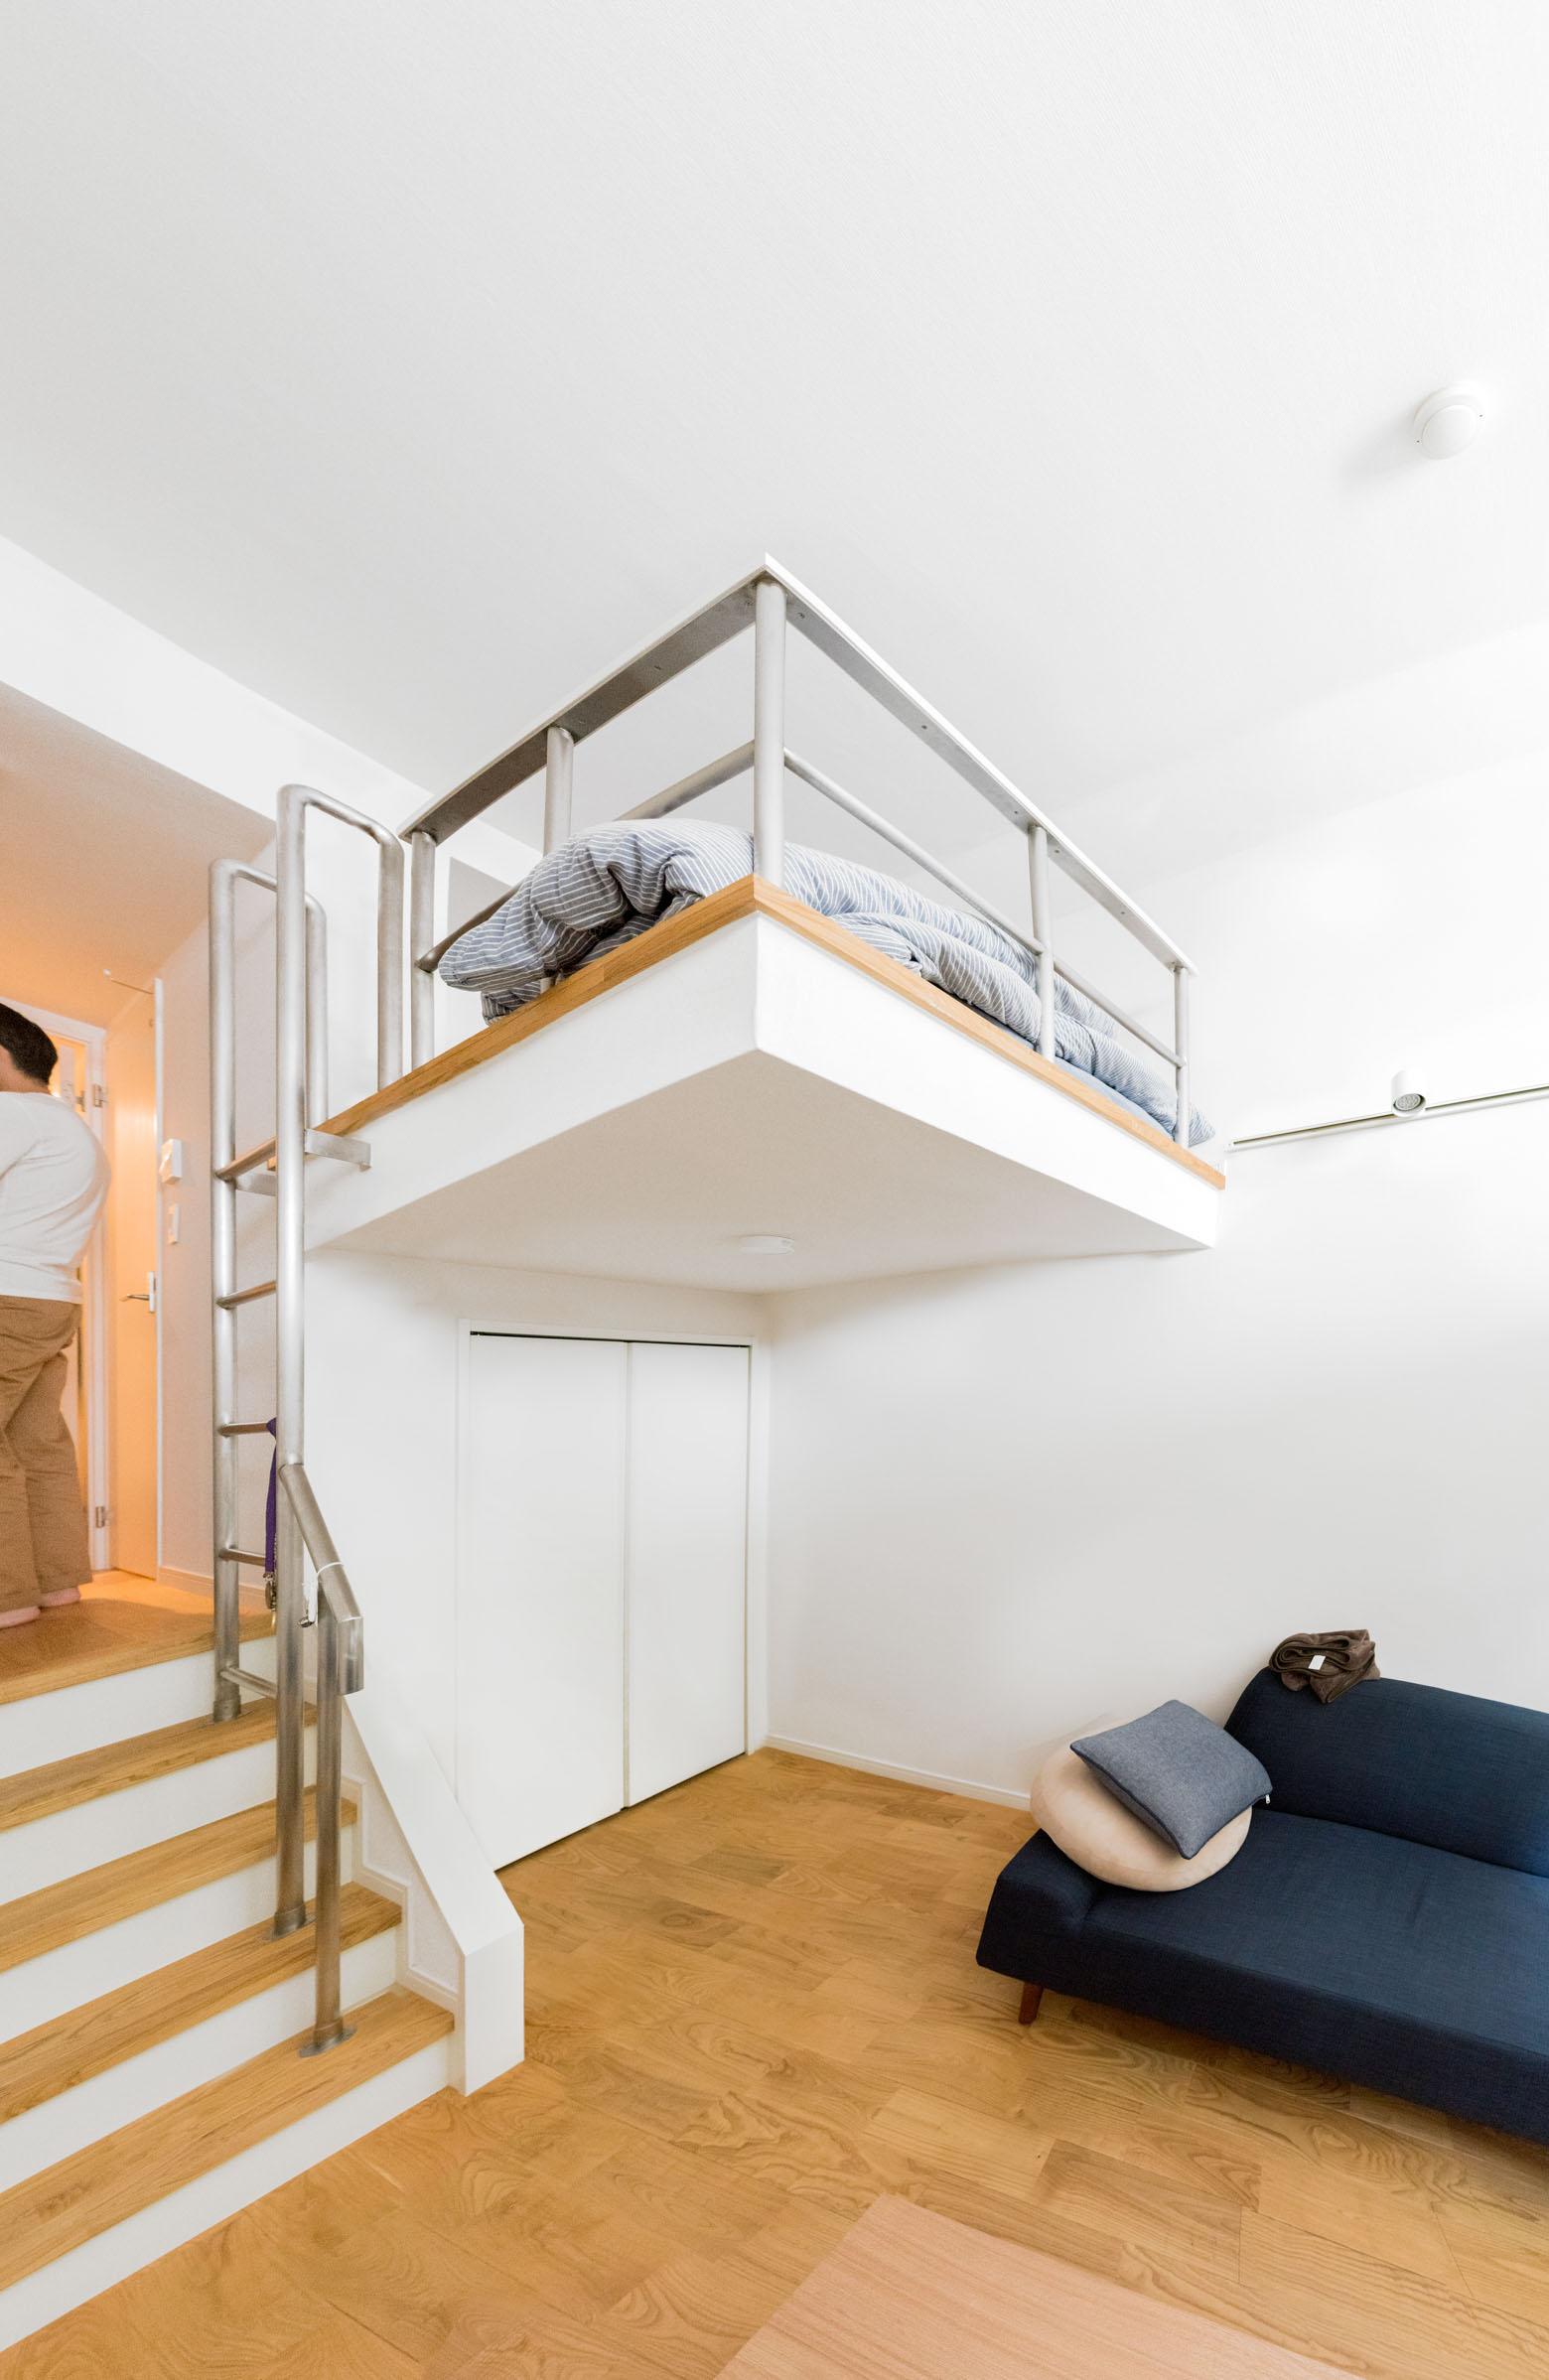 収納の上にベッドスペースが。これがほんとうのロフトだよな、と思った。この天井の高さならではだ。かっこいい。